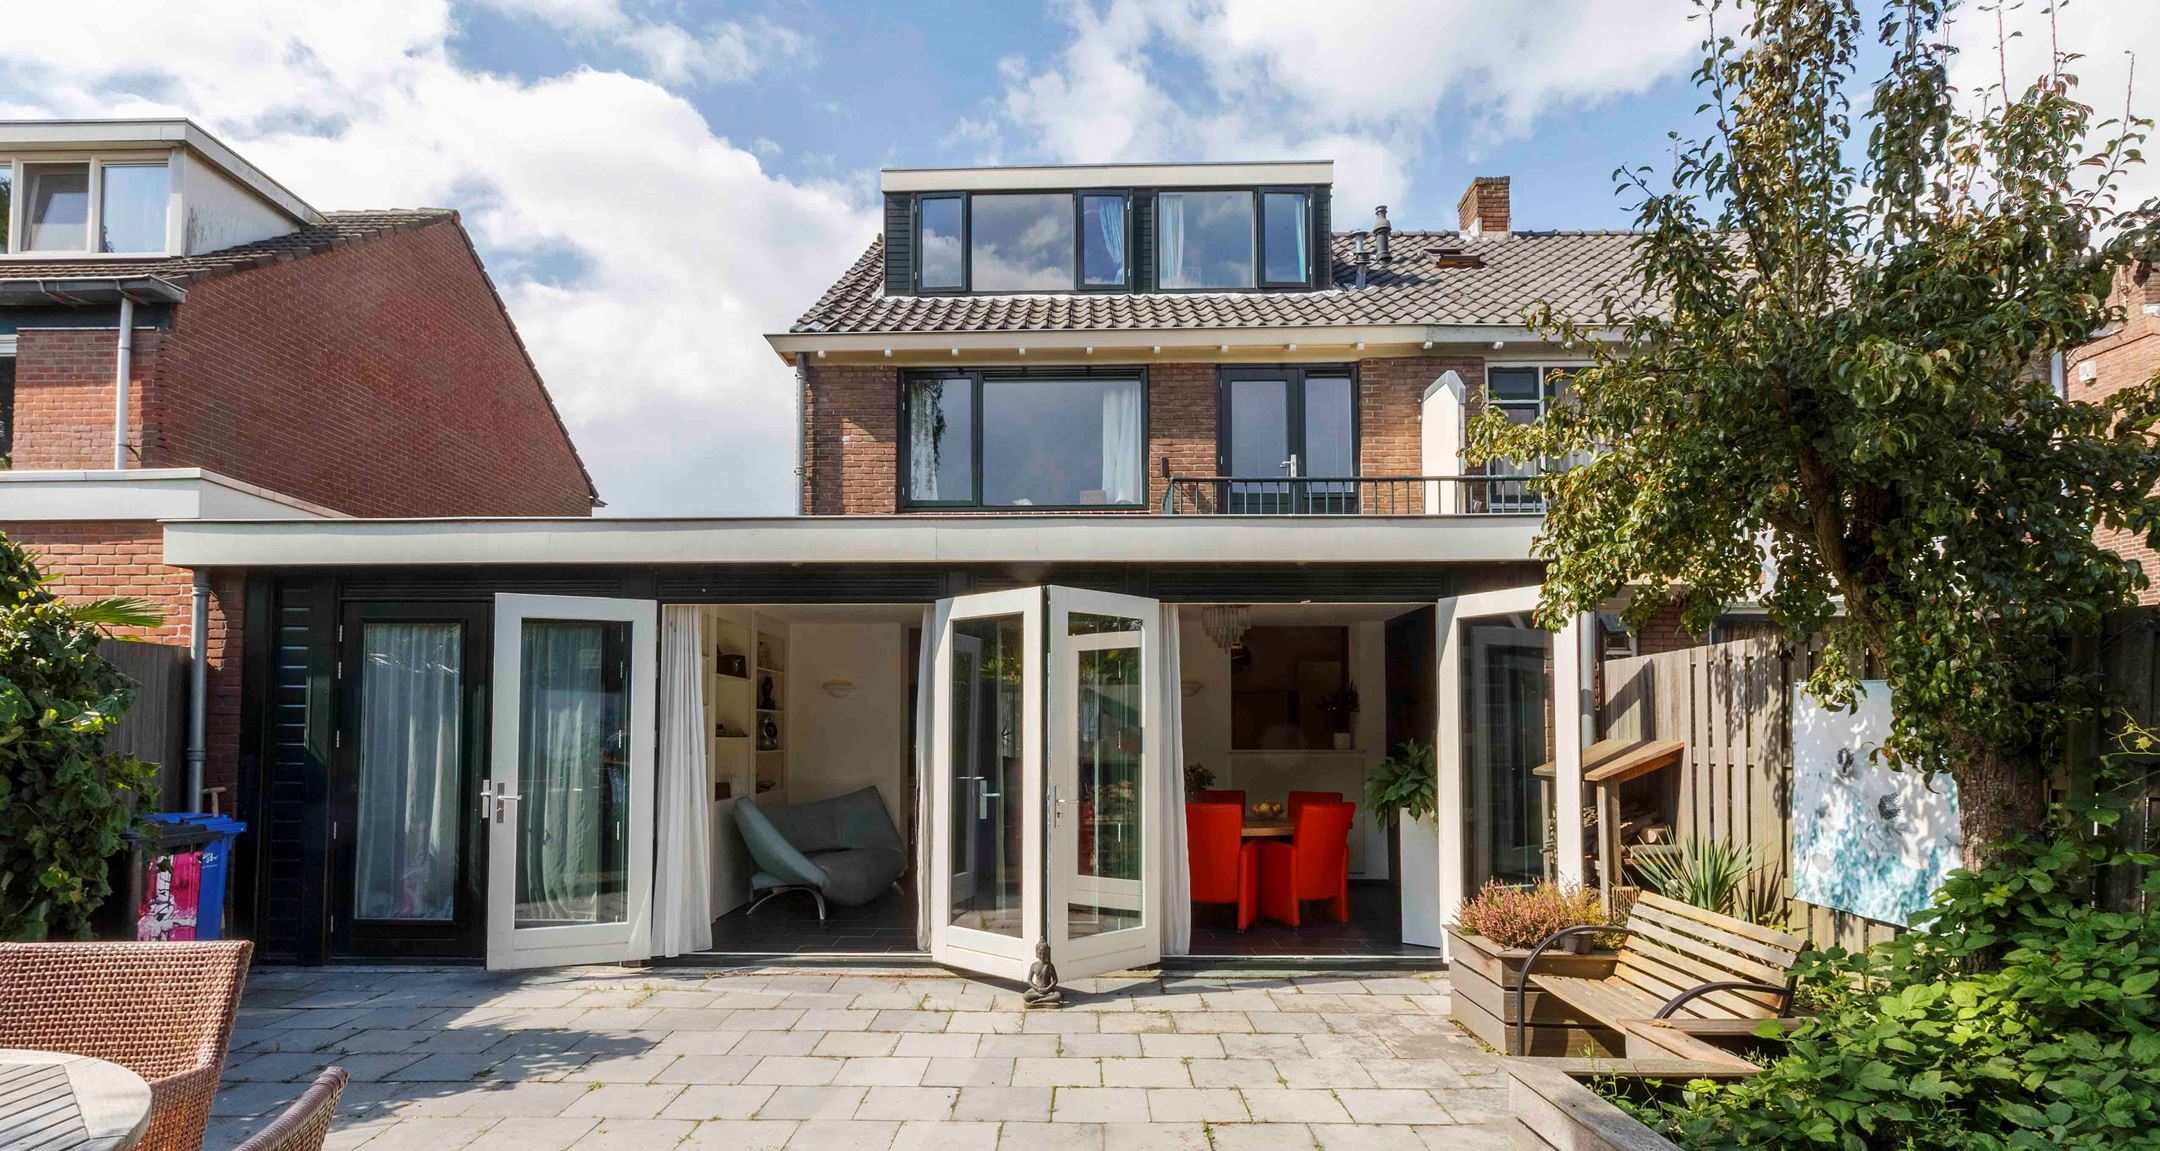 huis te koop sorongstraat 16 3193 es hoogvliet rotterdam funda